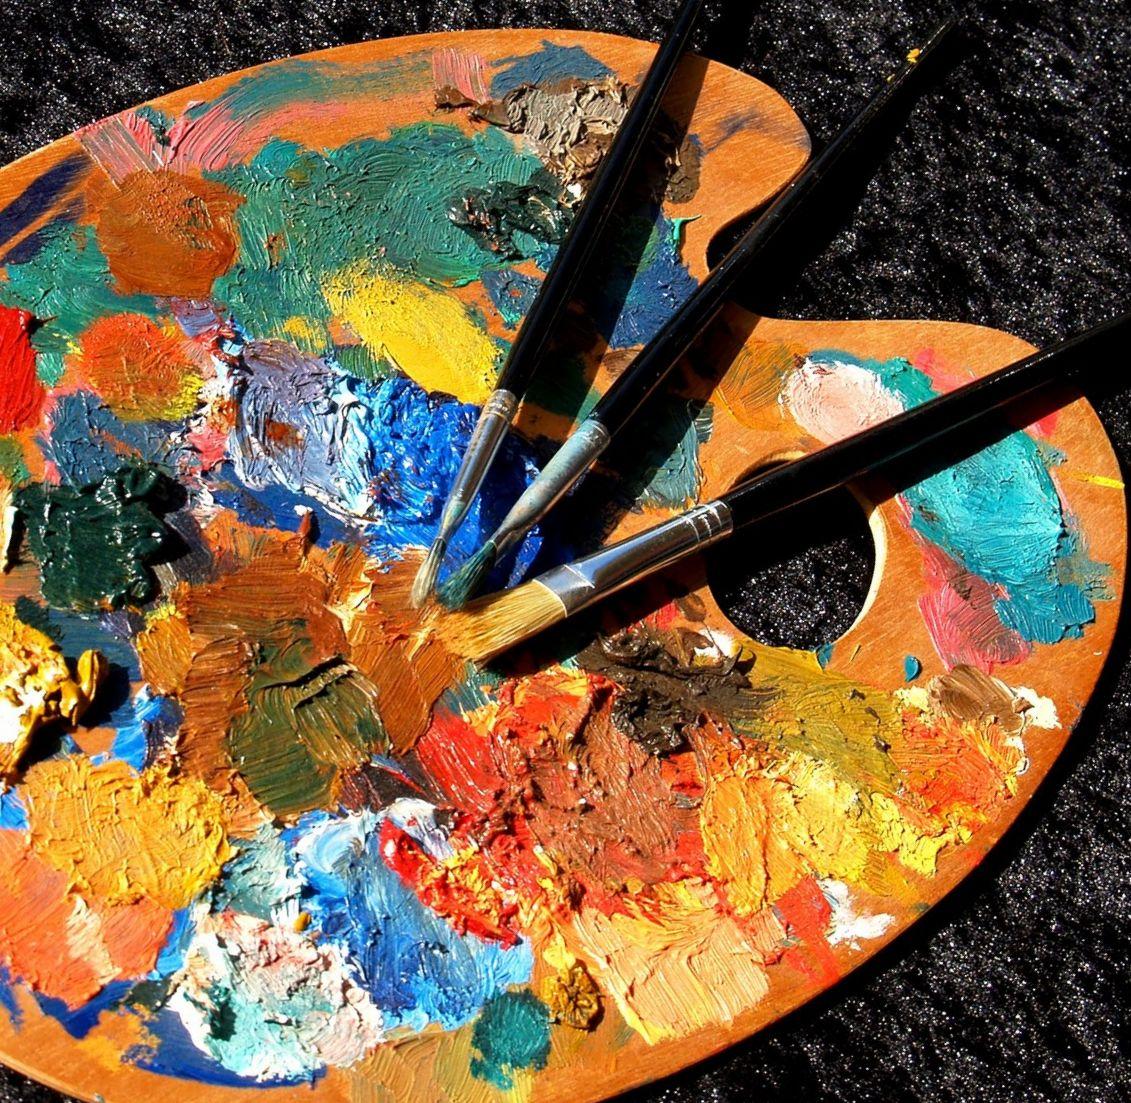 Poemas y cartas a fernando ciudadanos de un lugar - Paleta de pinturas ...